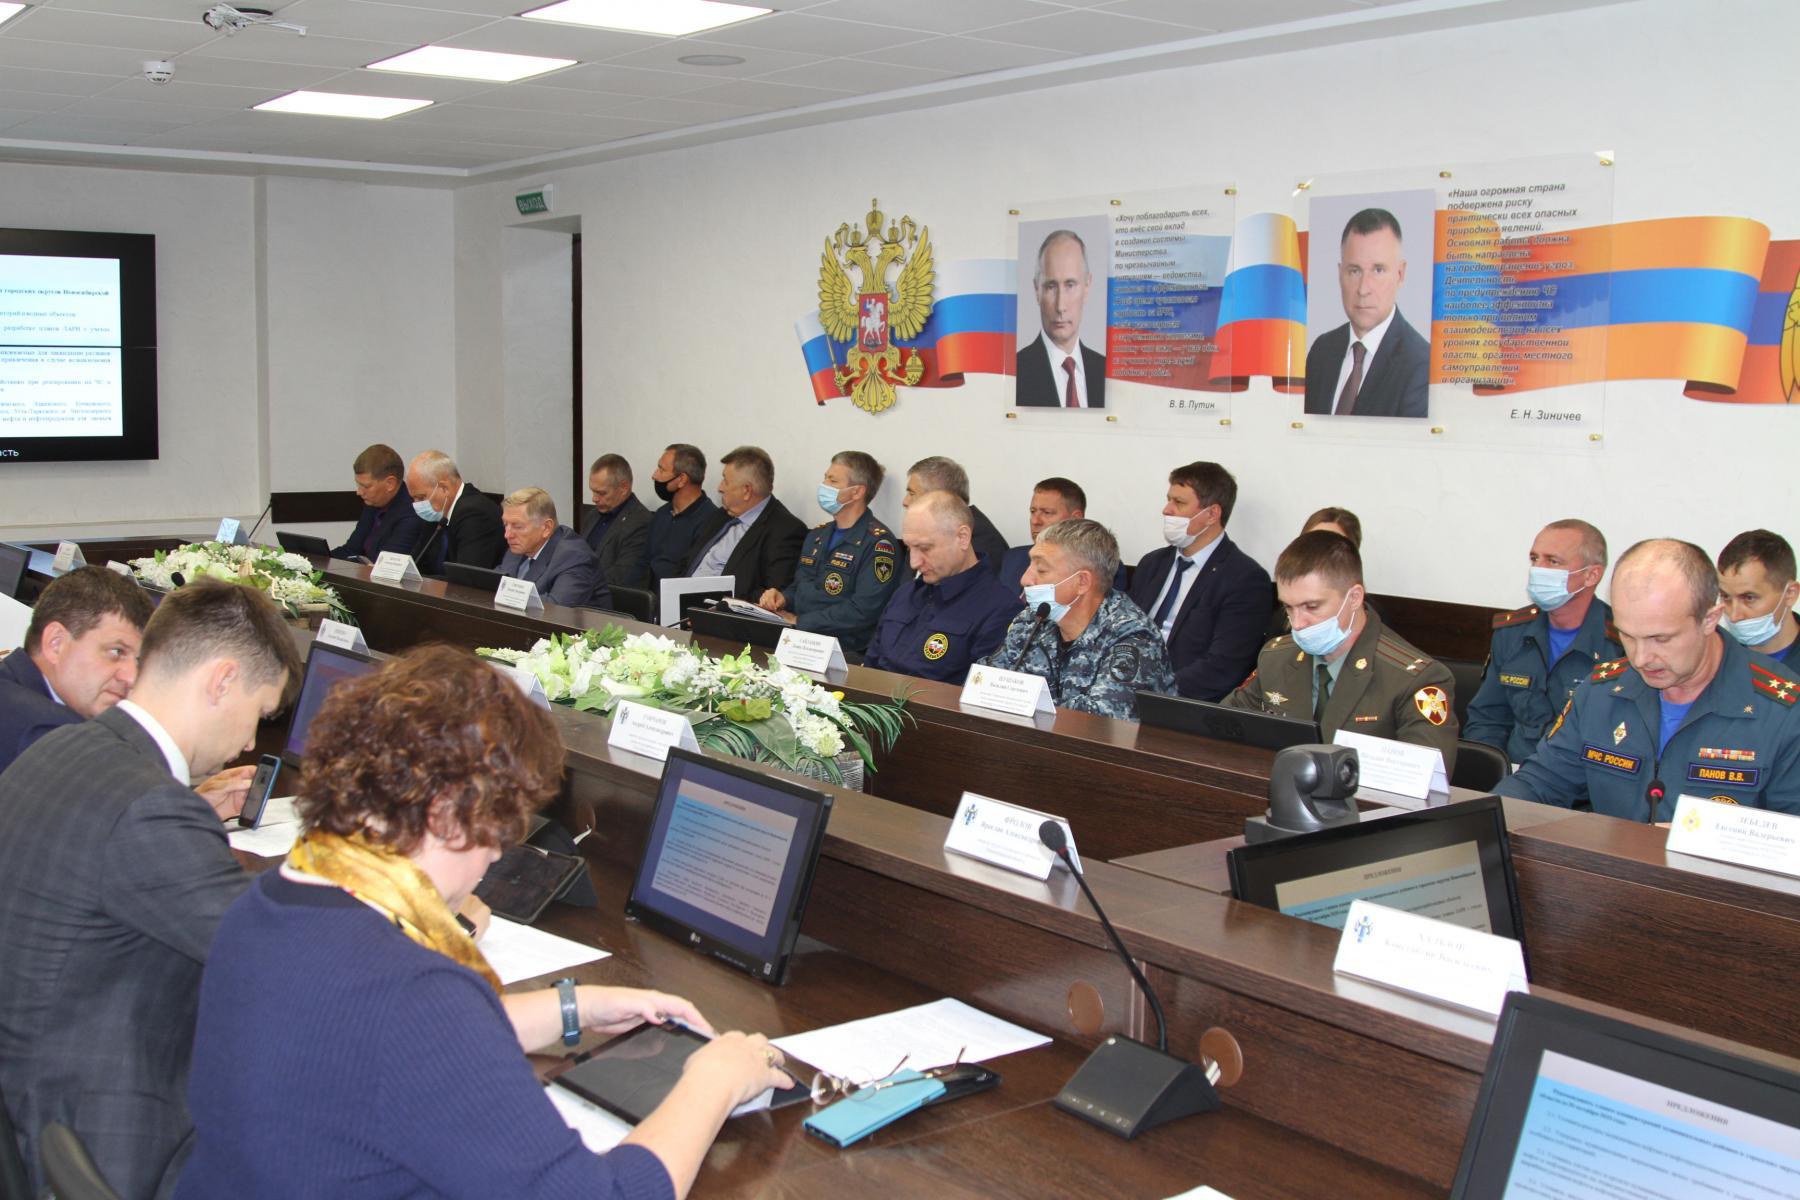 Фото Учения по ликвидации разлива нефти стартовали в Новосибирске 4